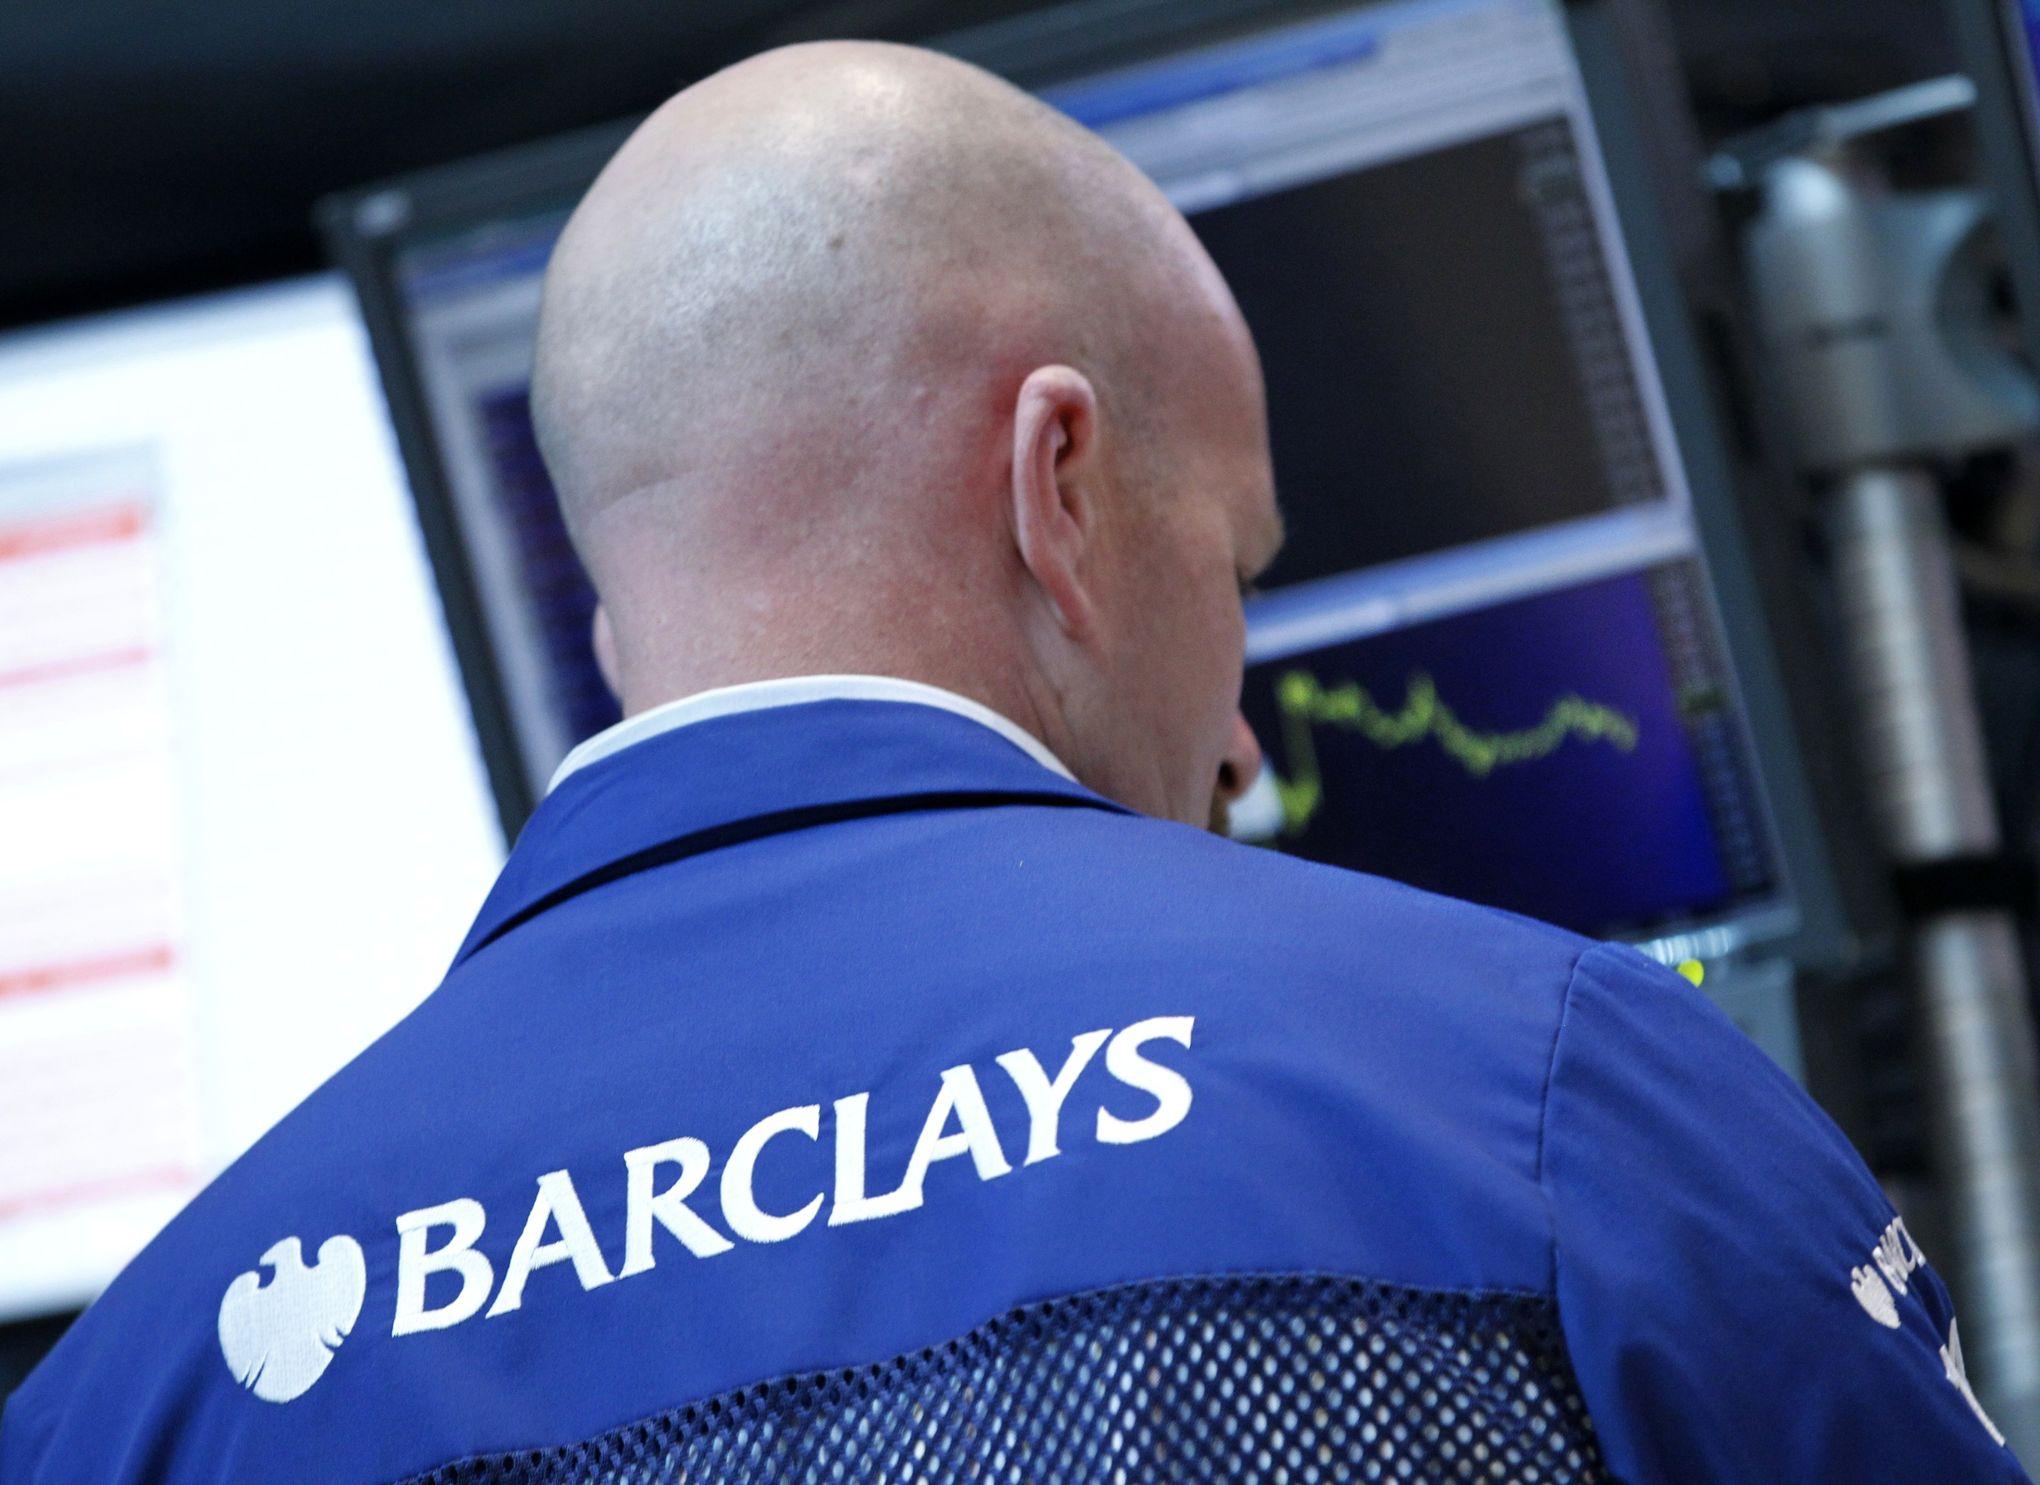 A Londres, des banques placent des mouchards sous le bureau des employés